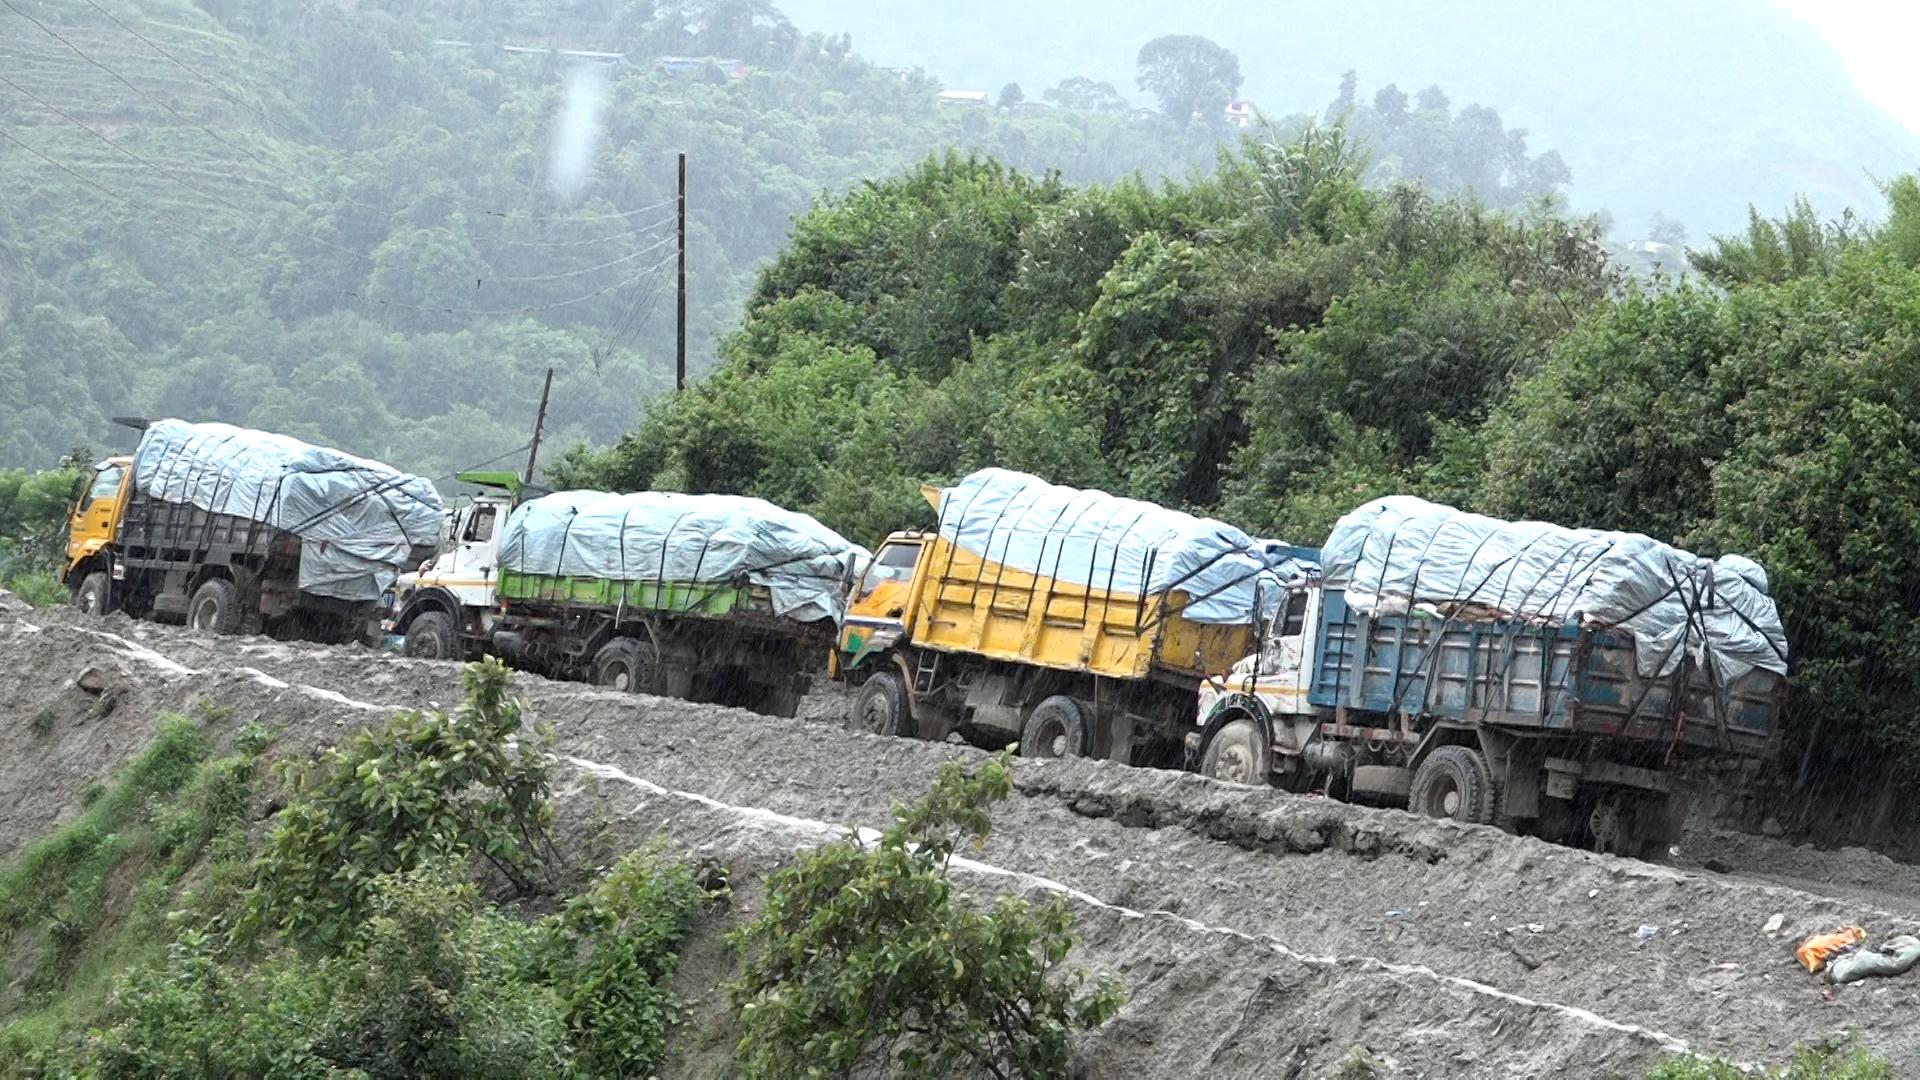 सिसडोलवासीको बिरोधपछि काठमाडौंको फोहोर उठ्न सकेन